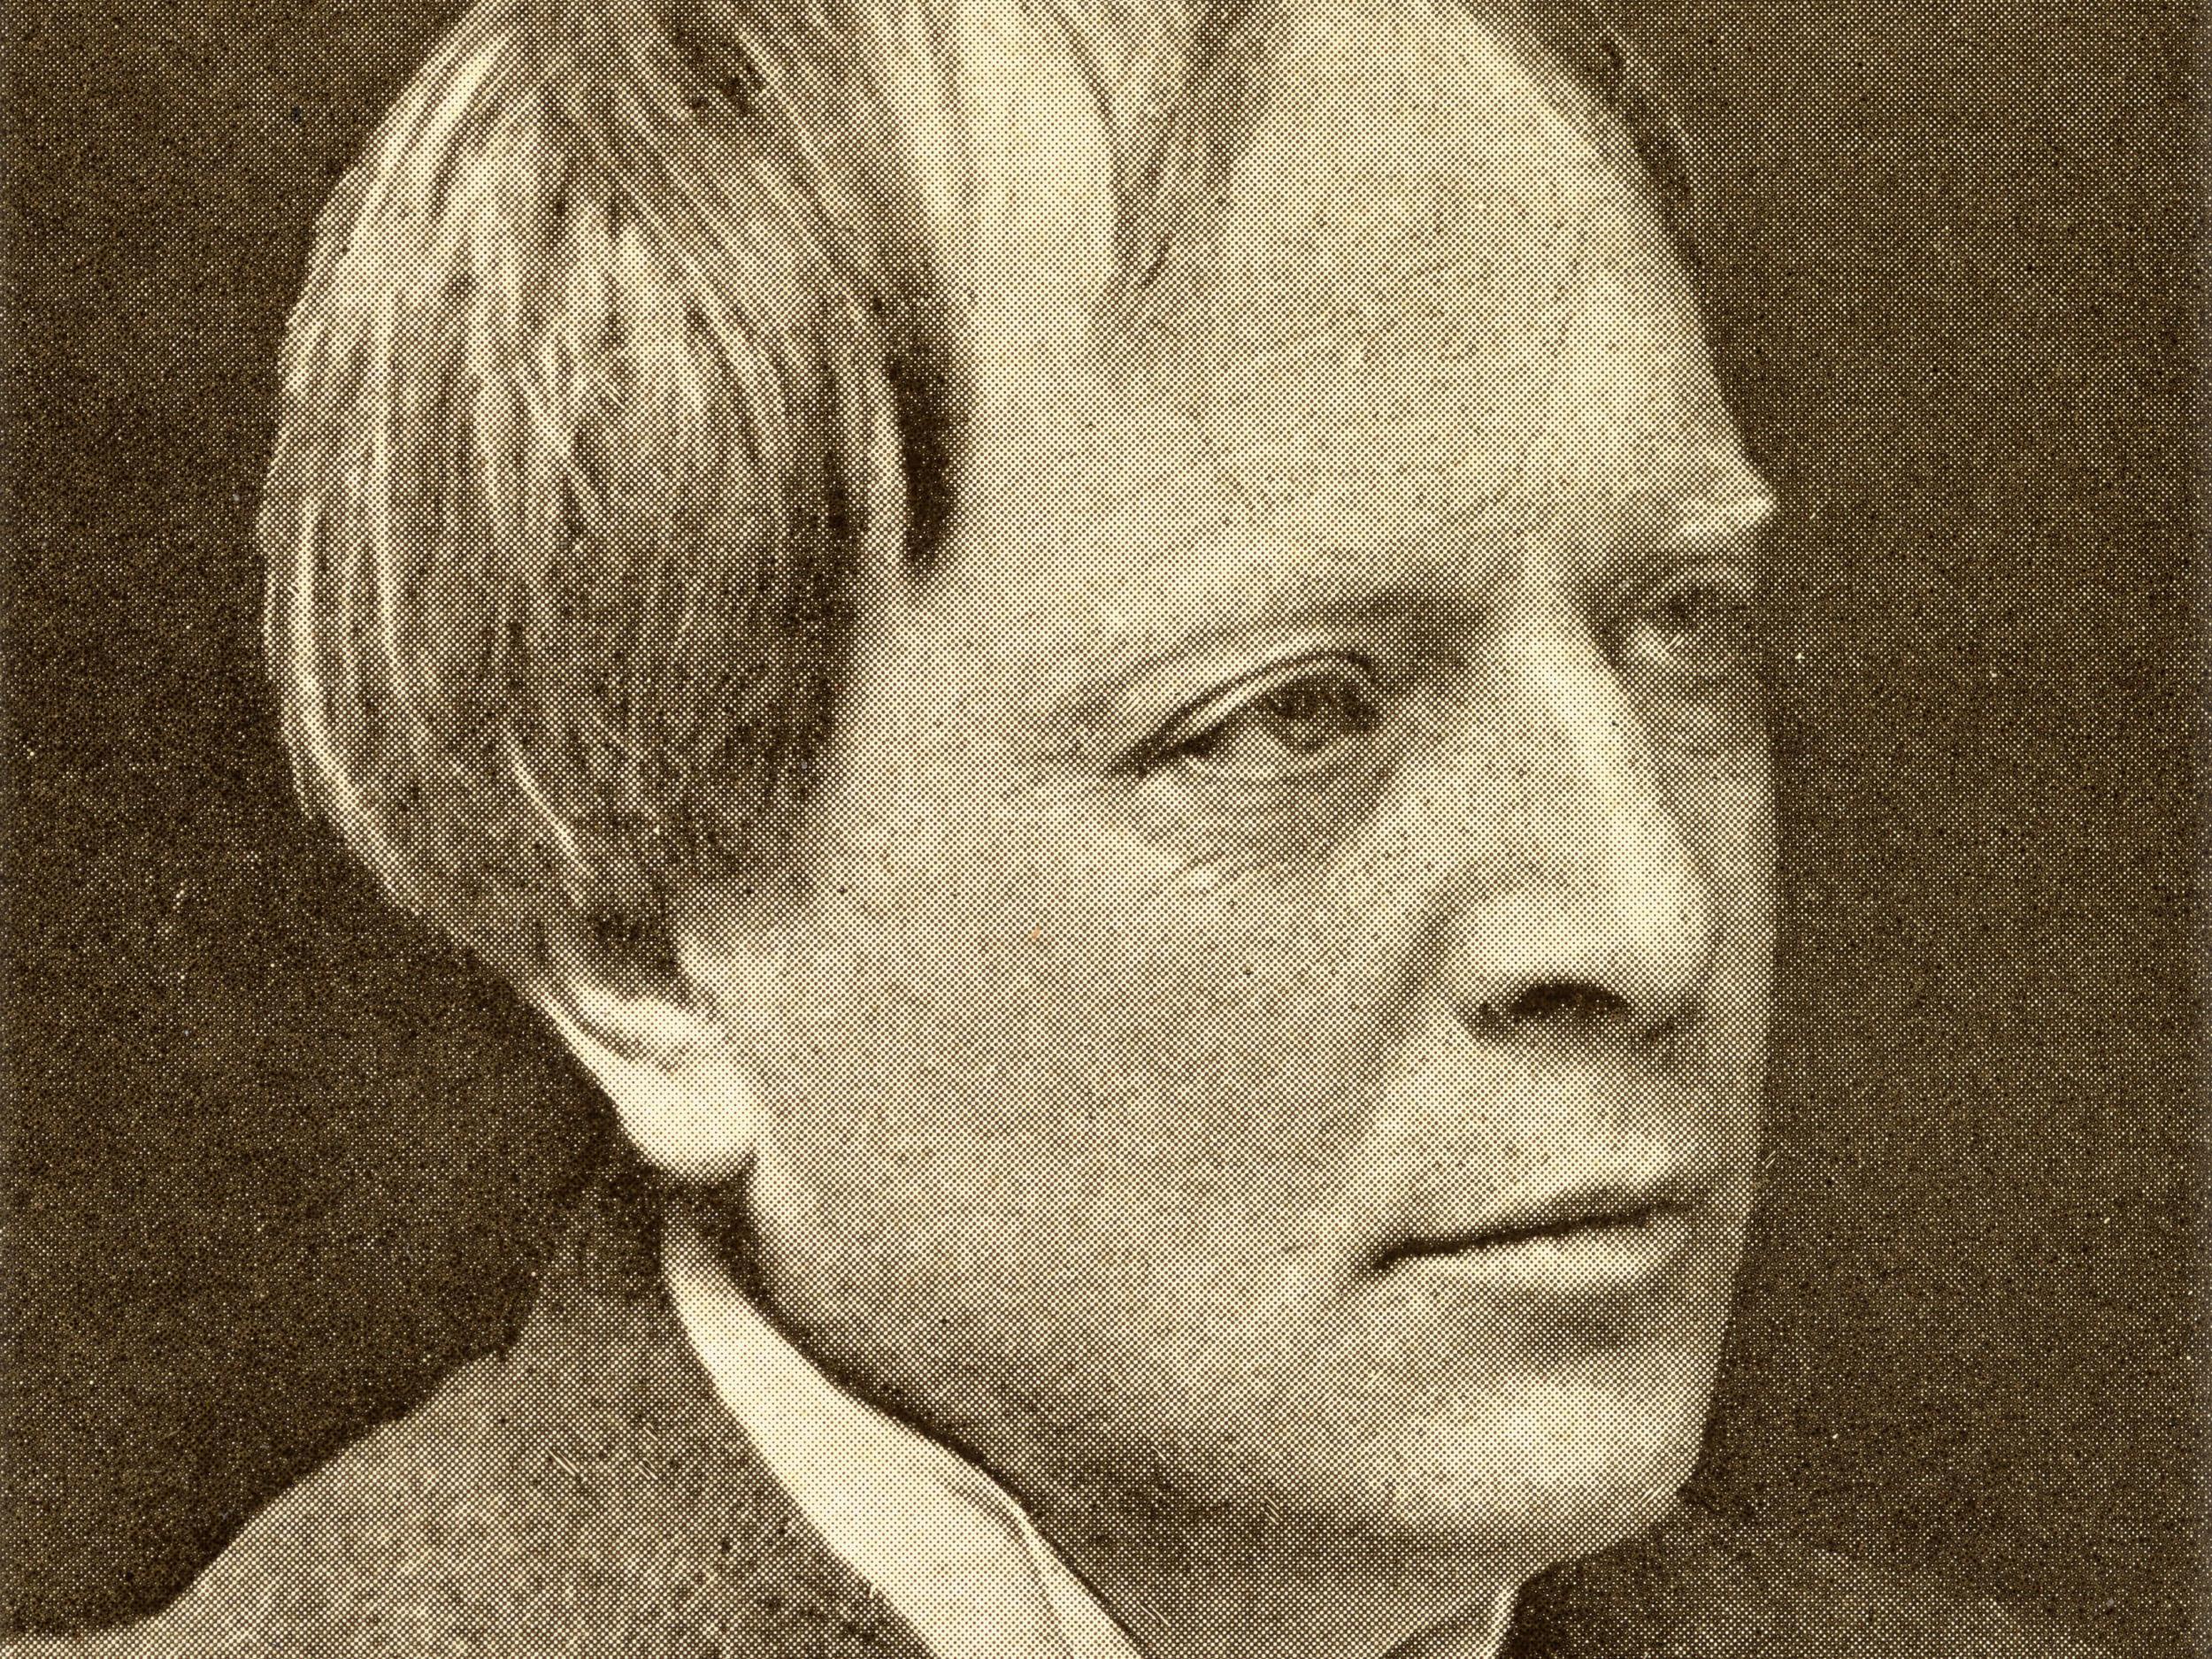 Arthur Machen biography